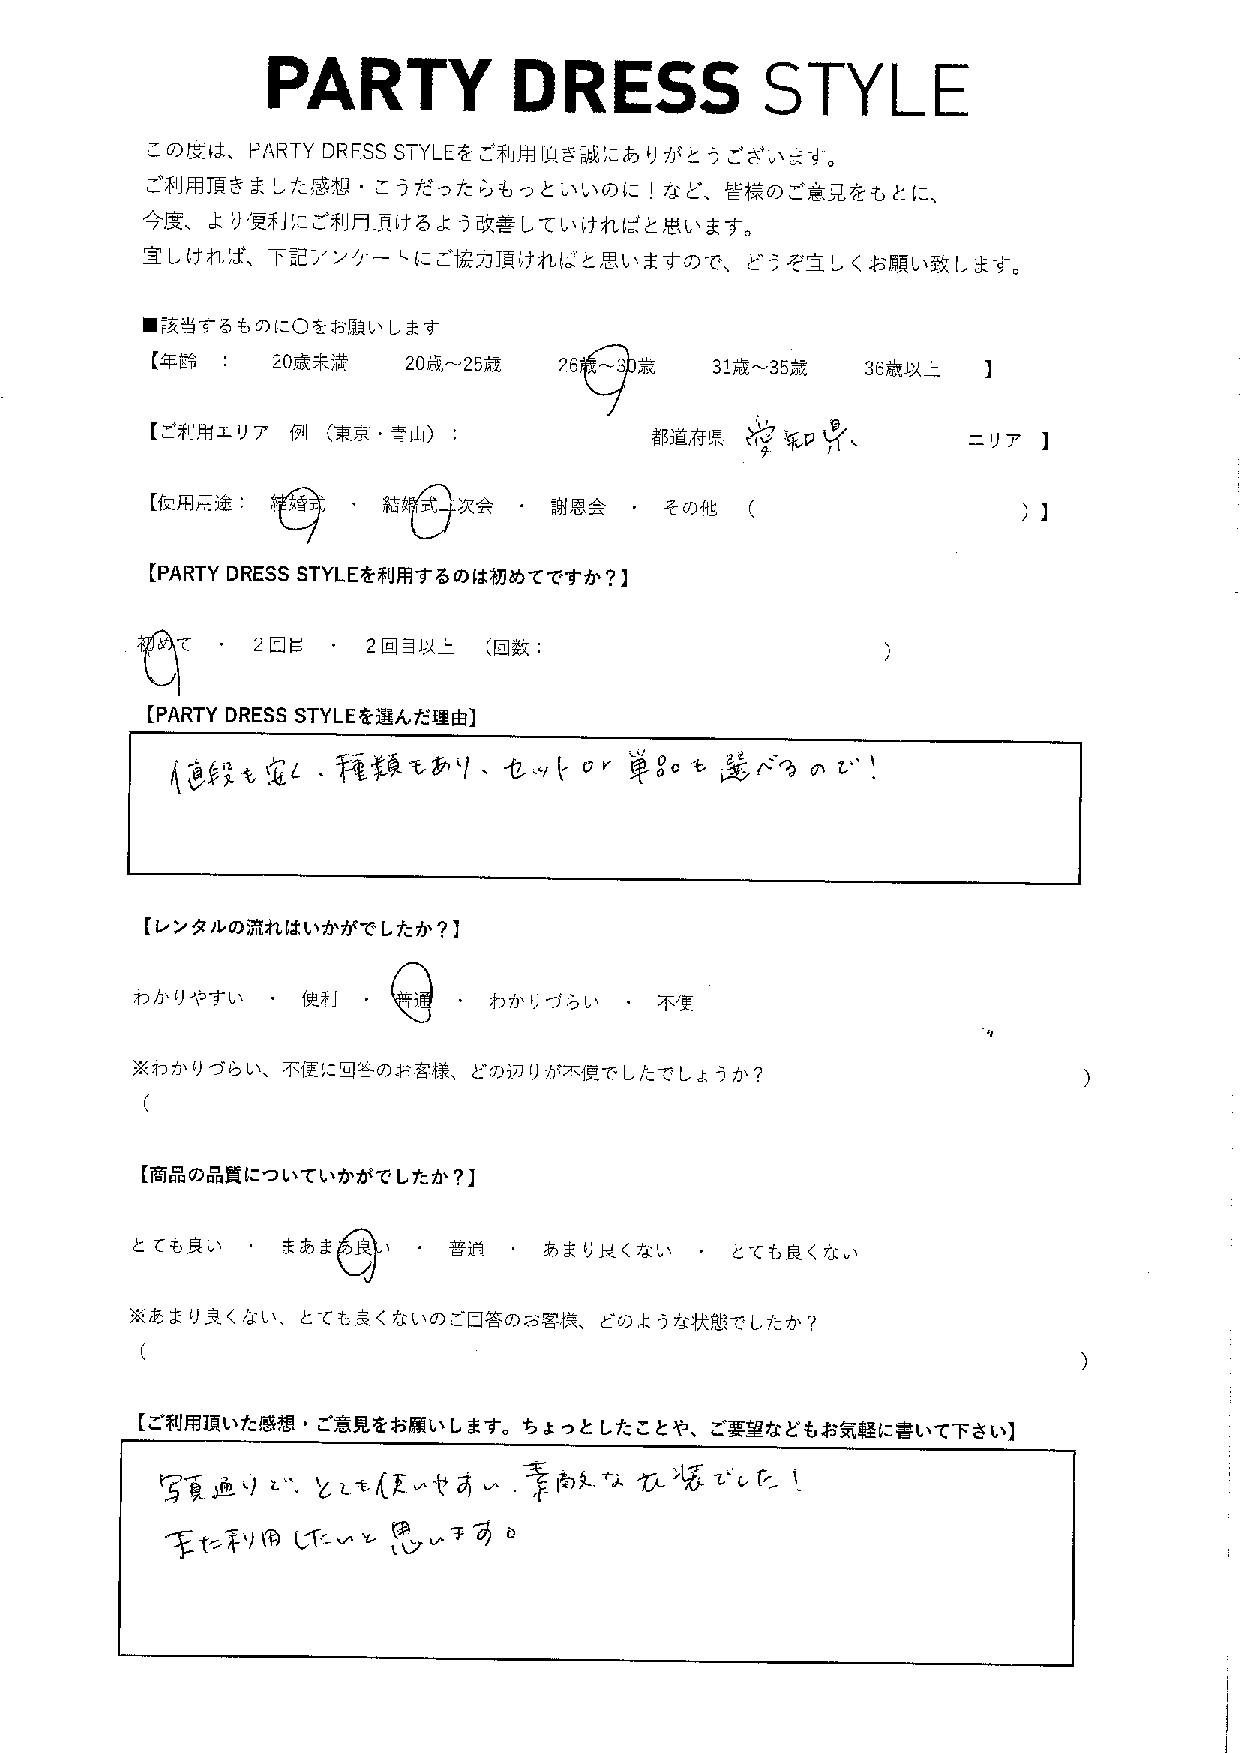 11/30結婚式・結婚式二次会ご利用 愛知県エリア